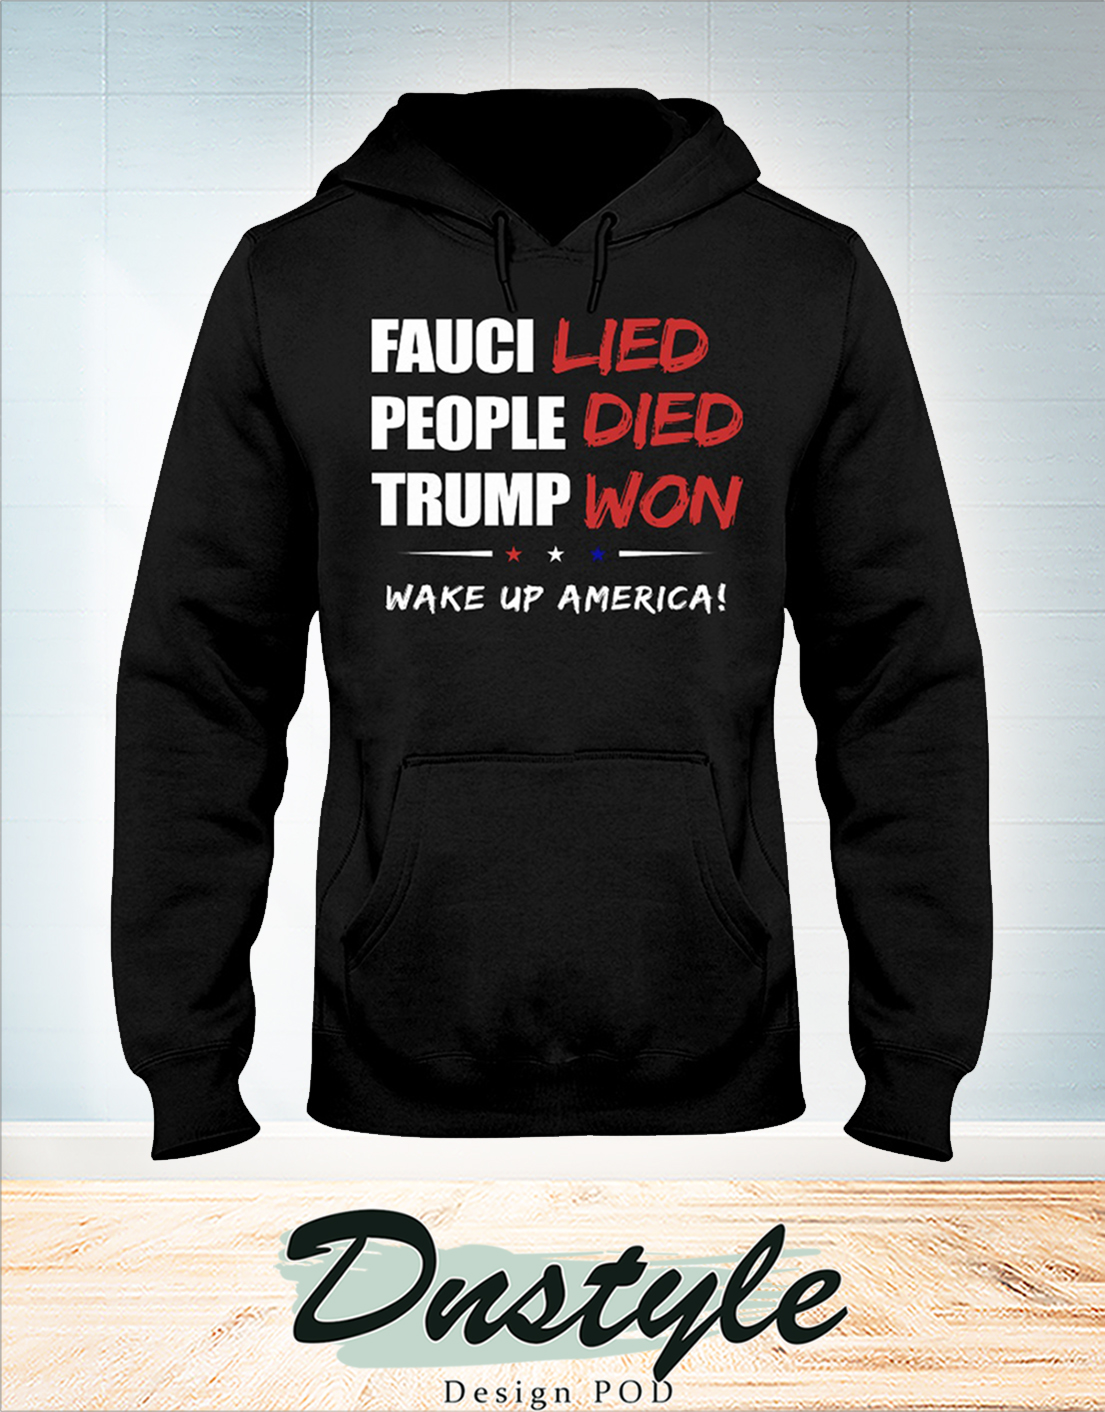 Fauci lied people died trump won wake up america hoodie